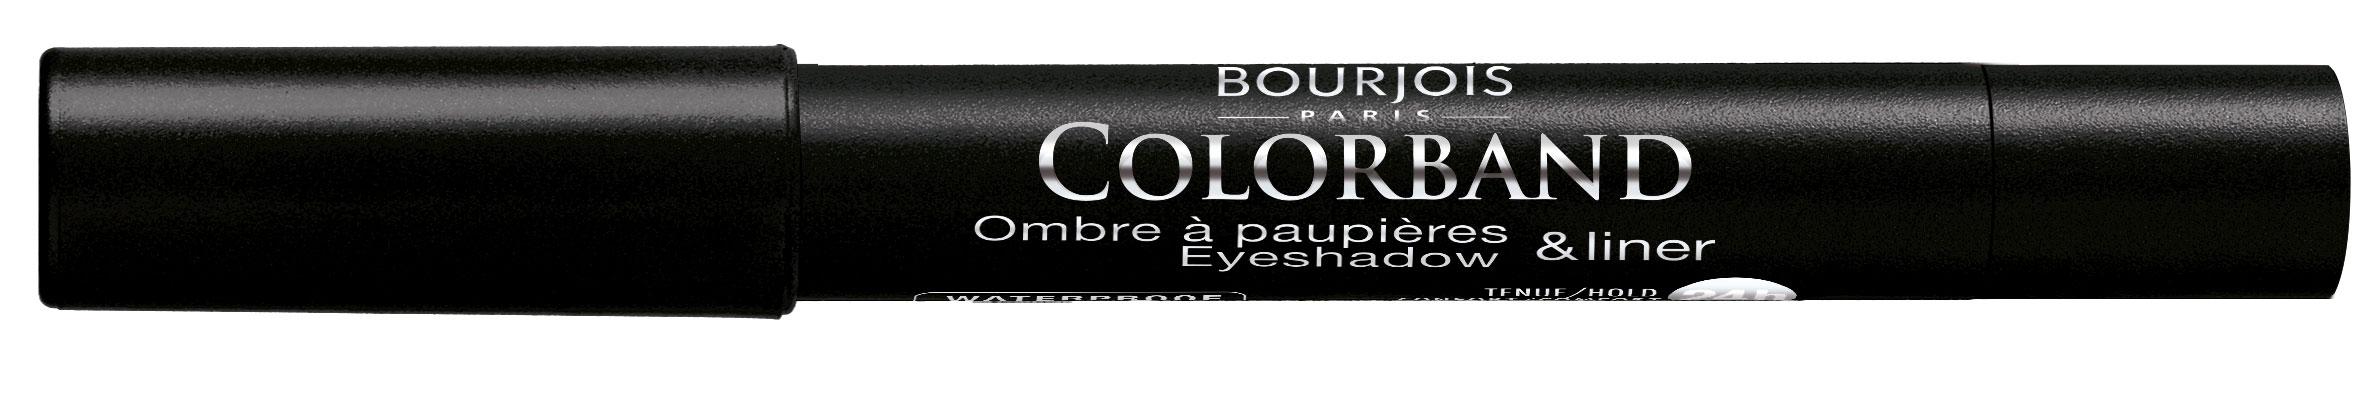 Colorband, tono 01 Noir Abstrait.